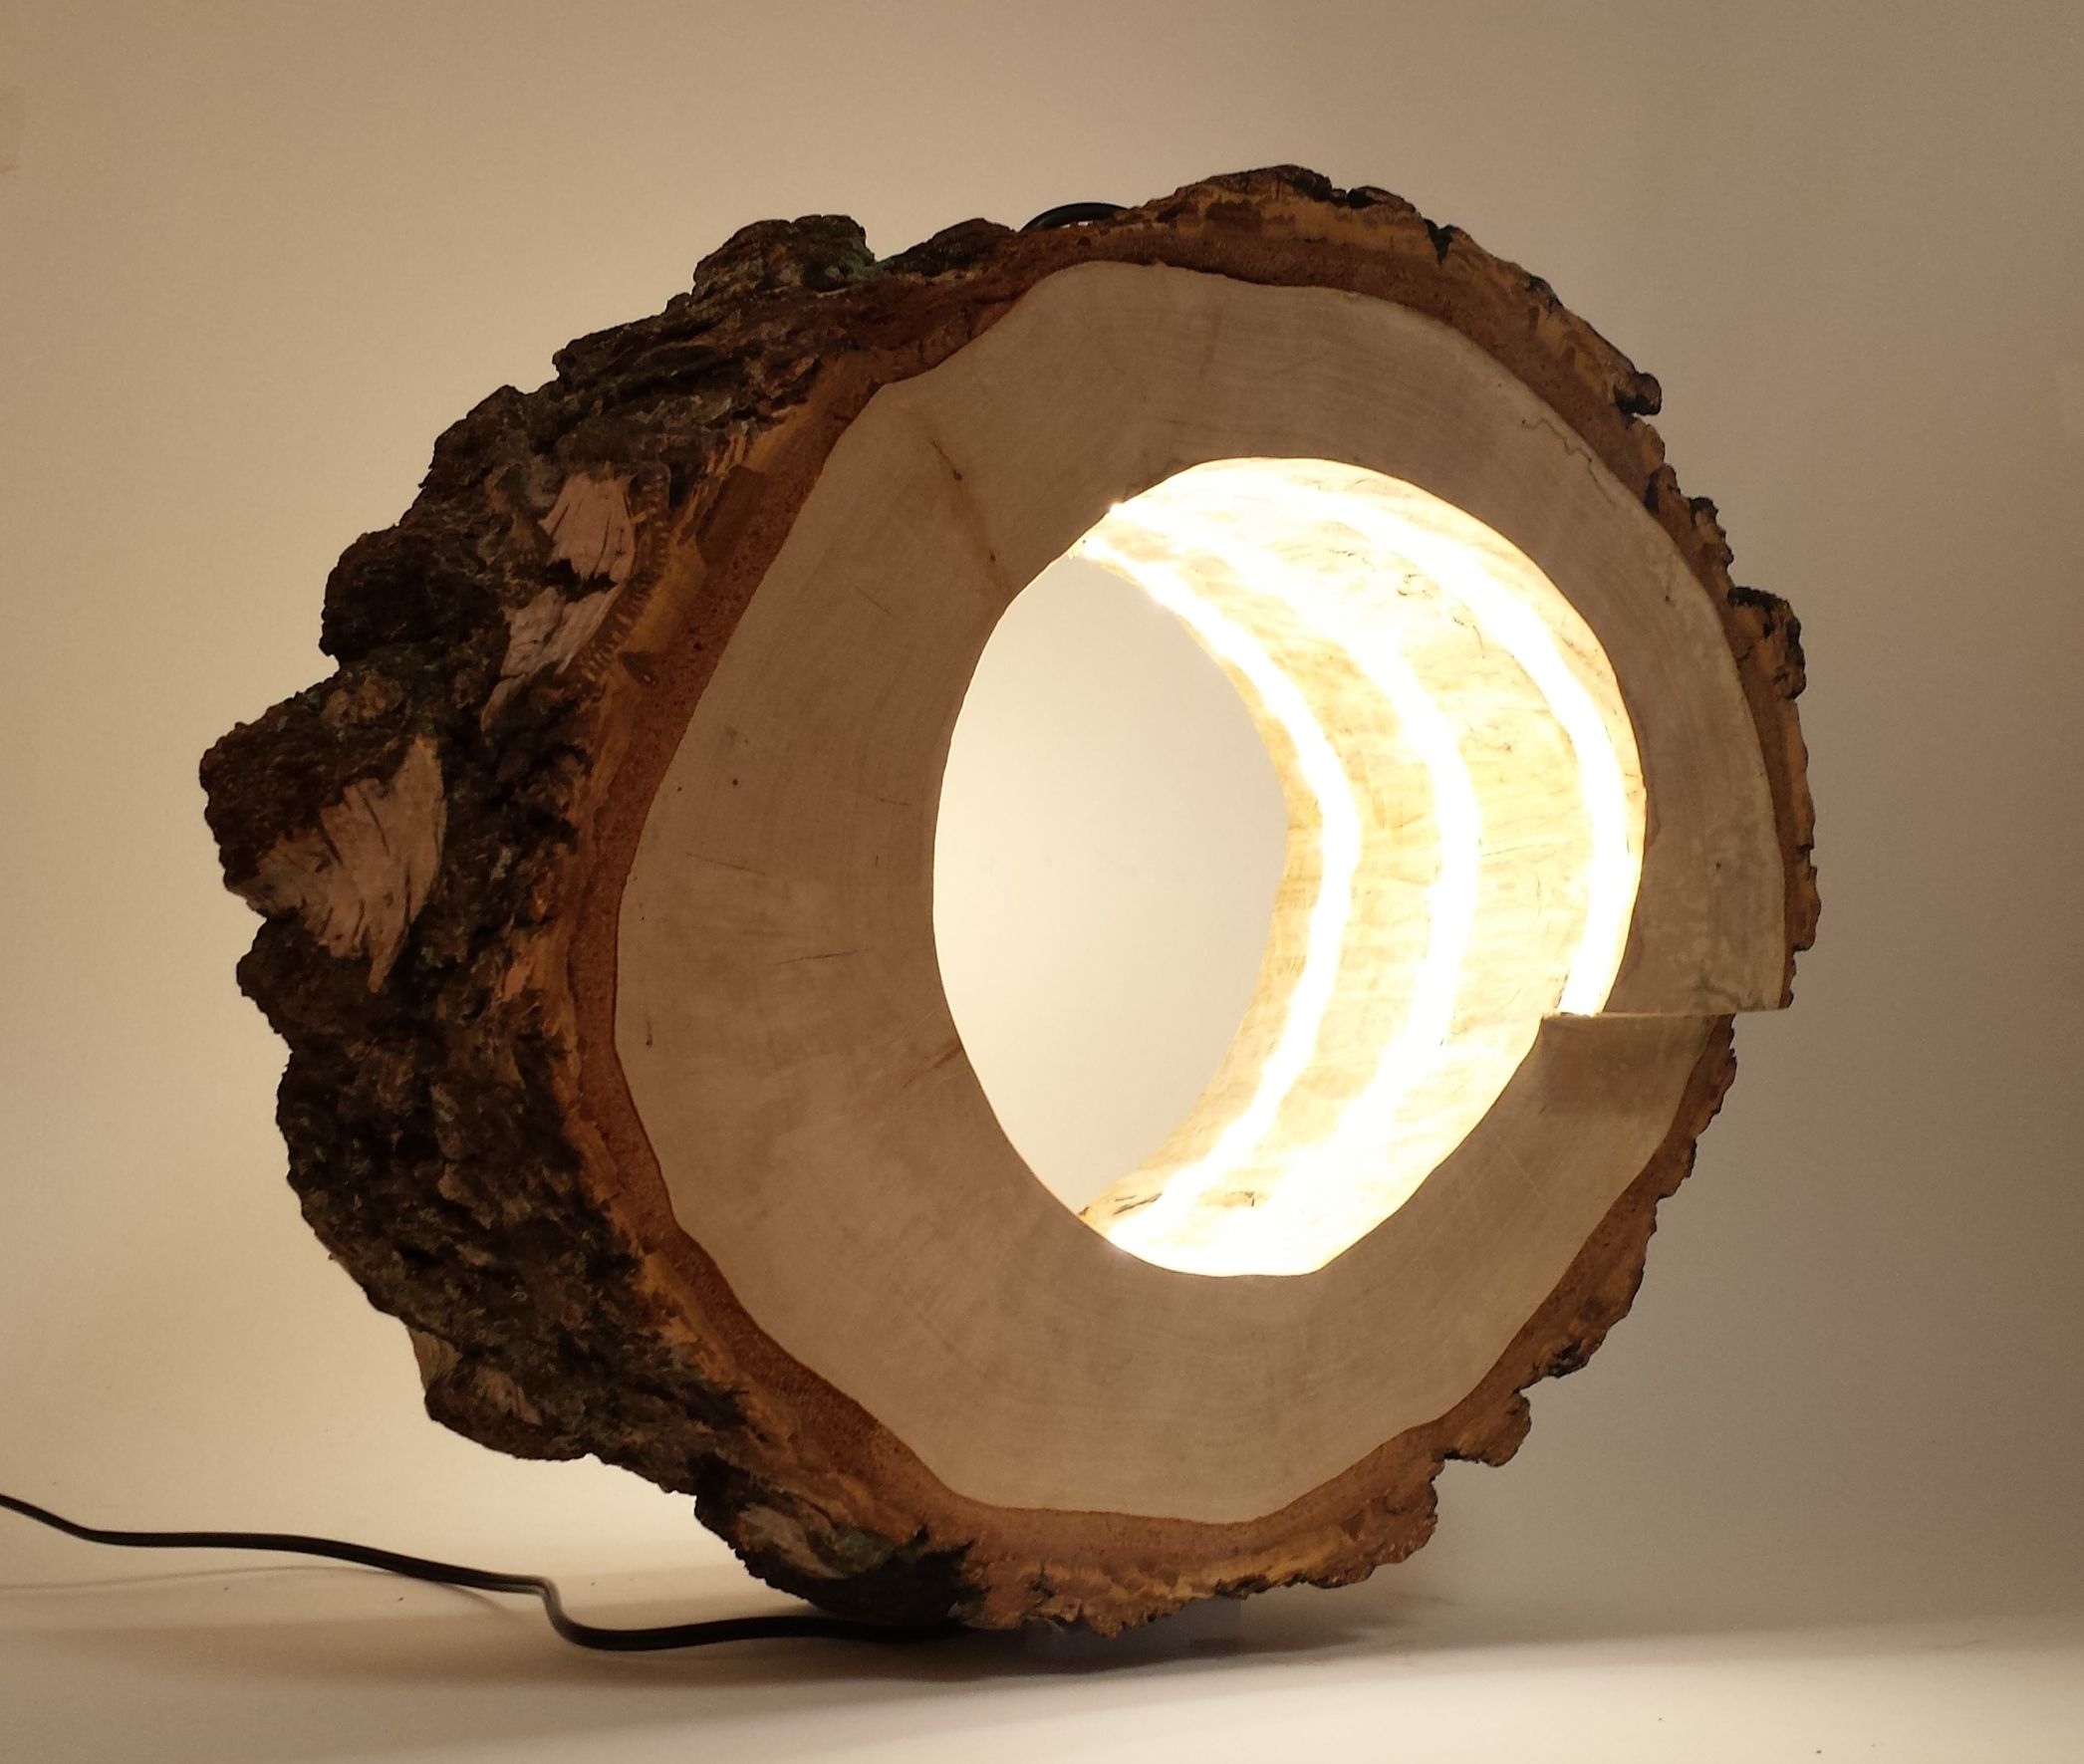 Ein Von Mir Selbst Hergestellte Lampe Aus Einem Hohlen Baumstamm